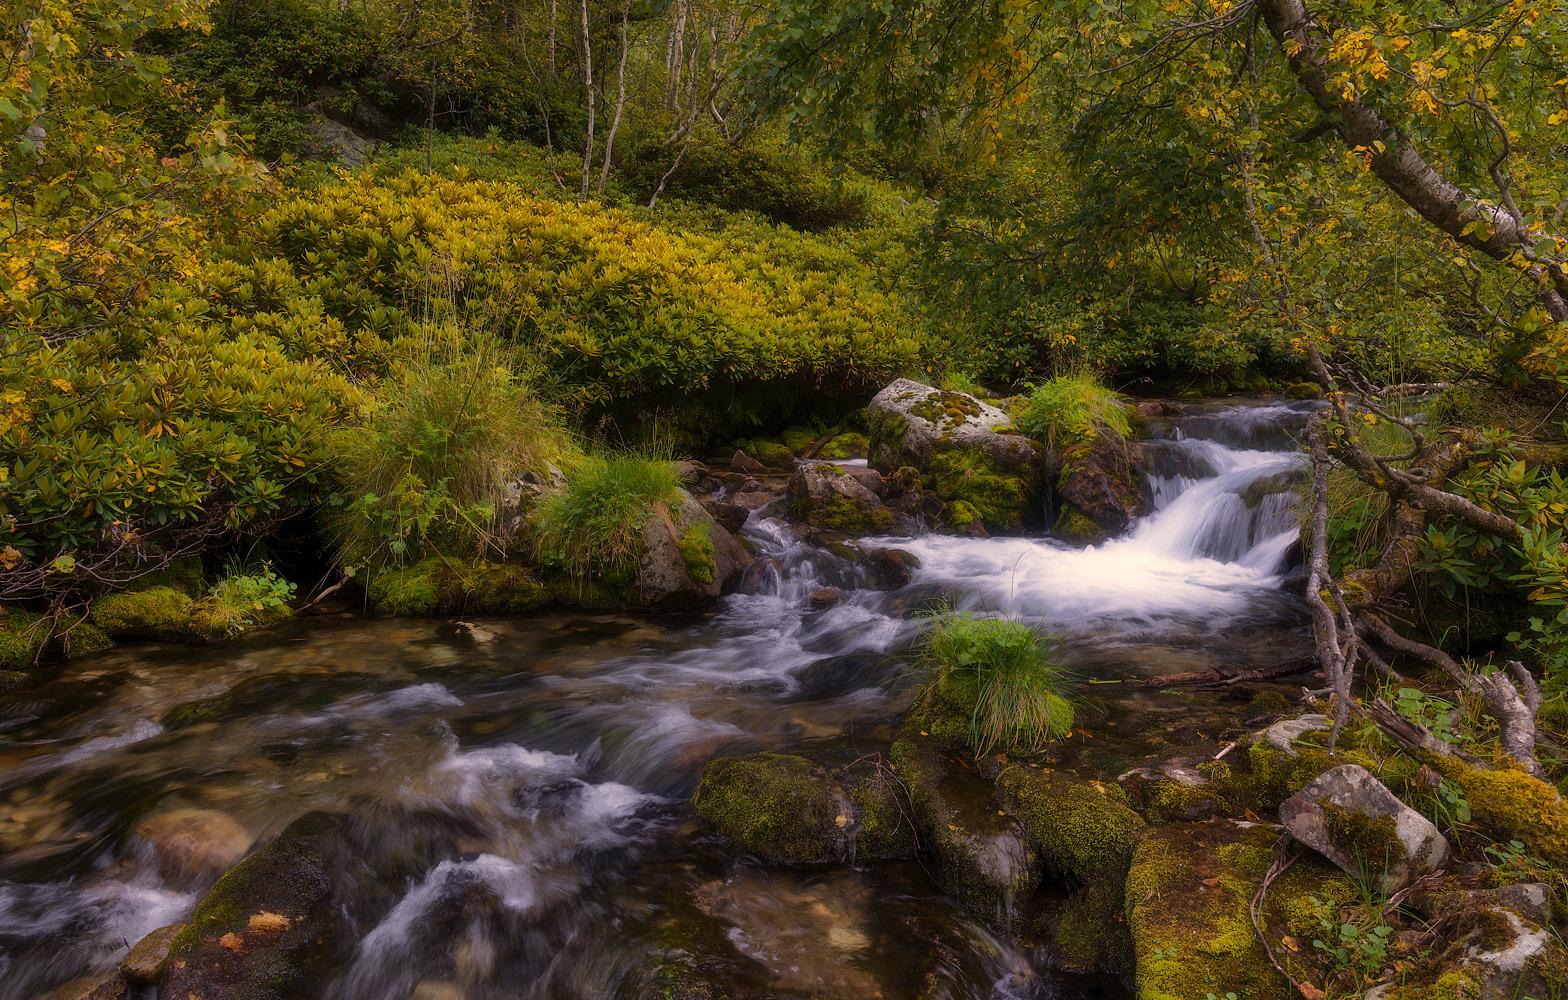 На чистой горной речке начинают желтетьлистья берёз. Отцвёл рододендрон .Свежесть ичистота природы поражают цветом и формами .Архыз одно из таких мест где хочется побыватьвновь .